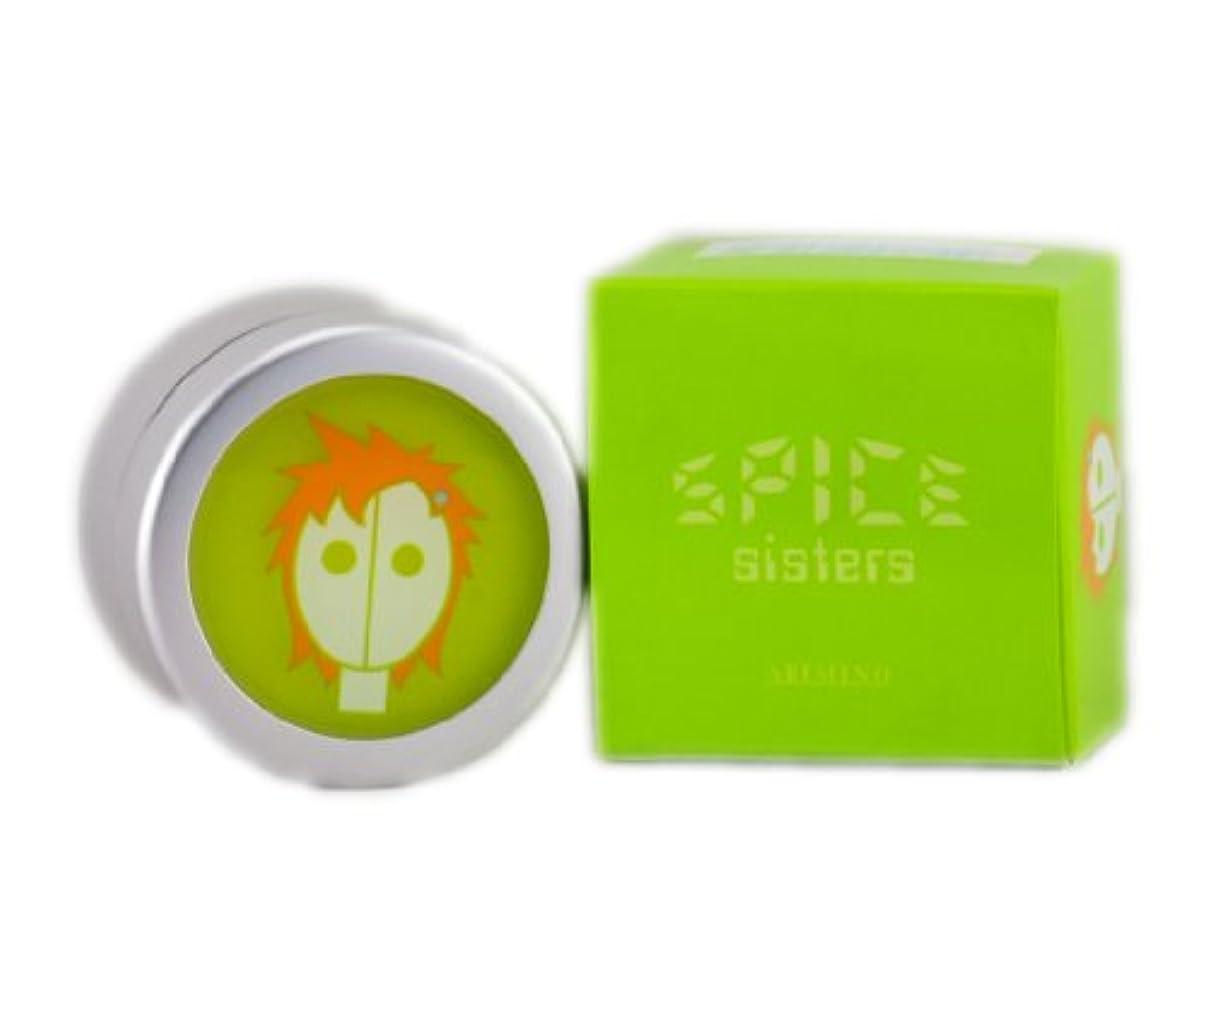 ダメージ熟達した電池Spice Sisters ハードワックス1.25オンス